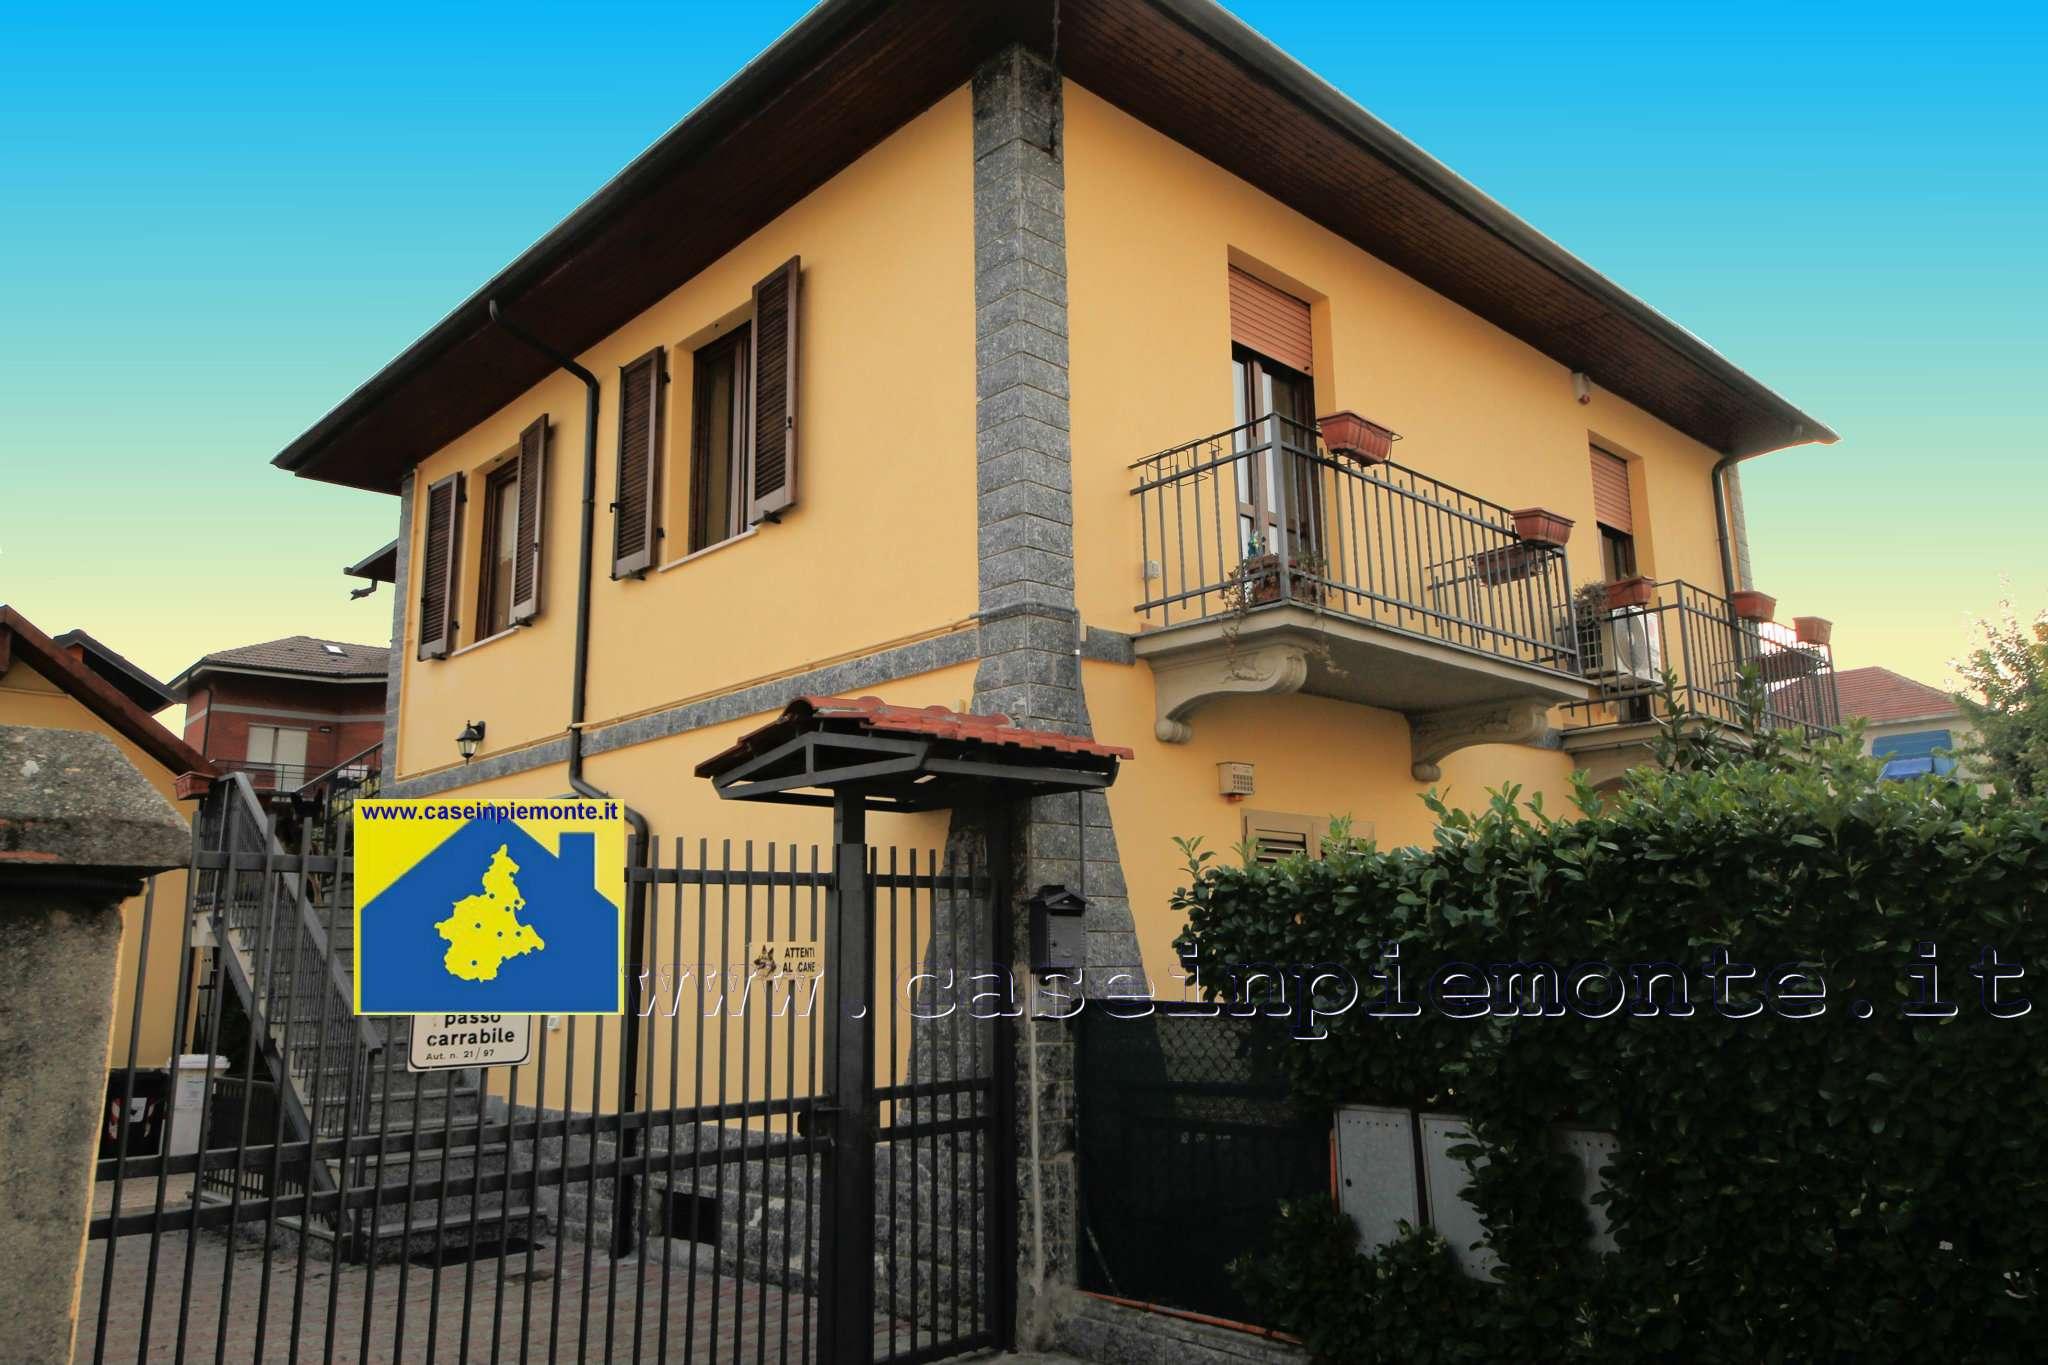 Foto 1 di Quadrilocale via xx settembre 11, Grugliasco